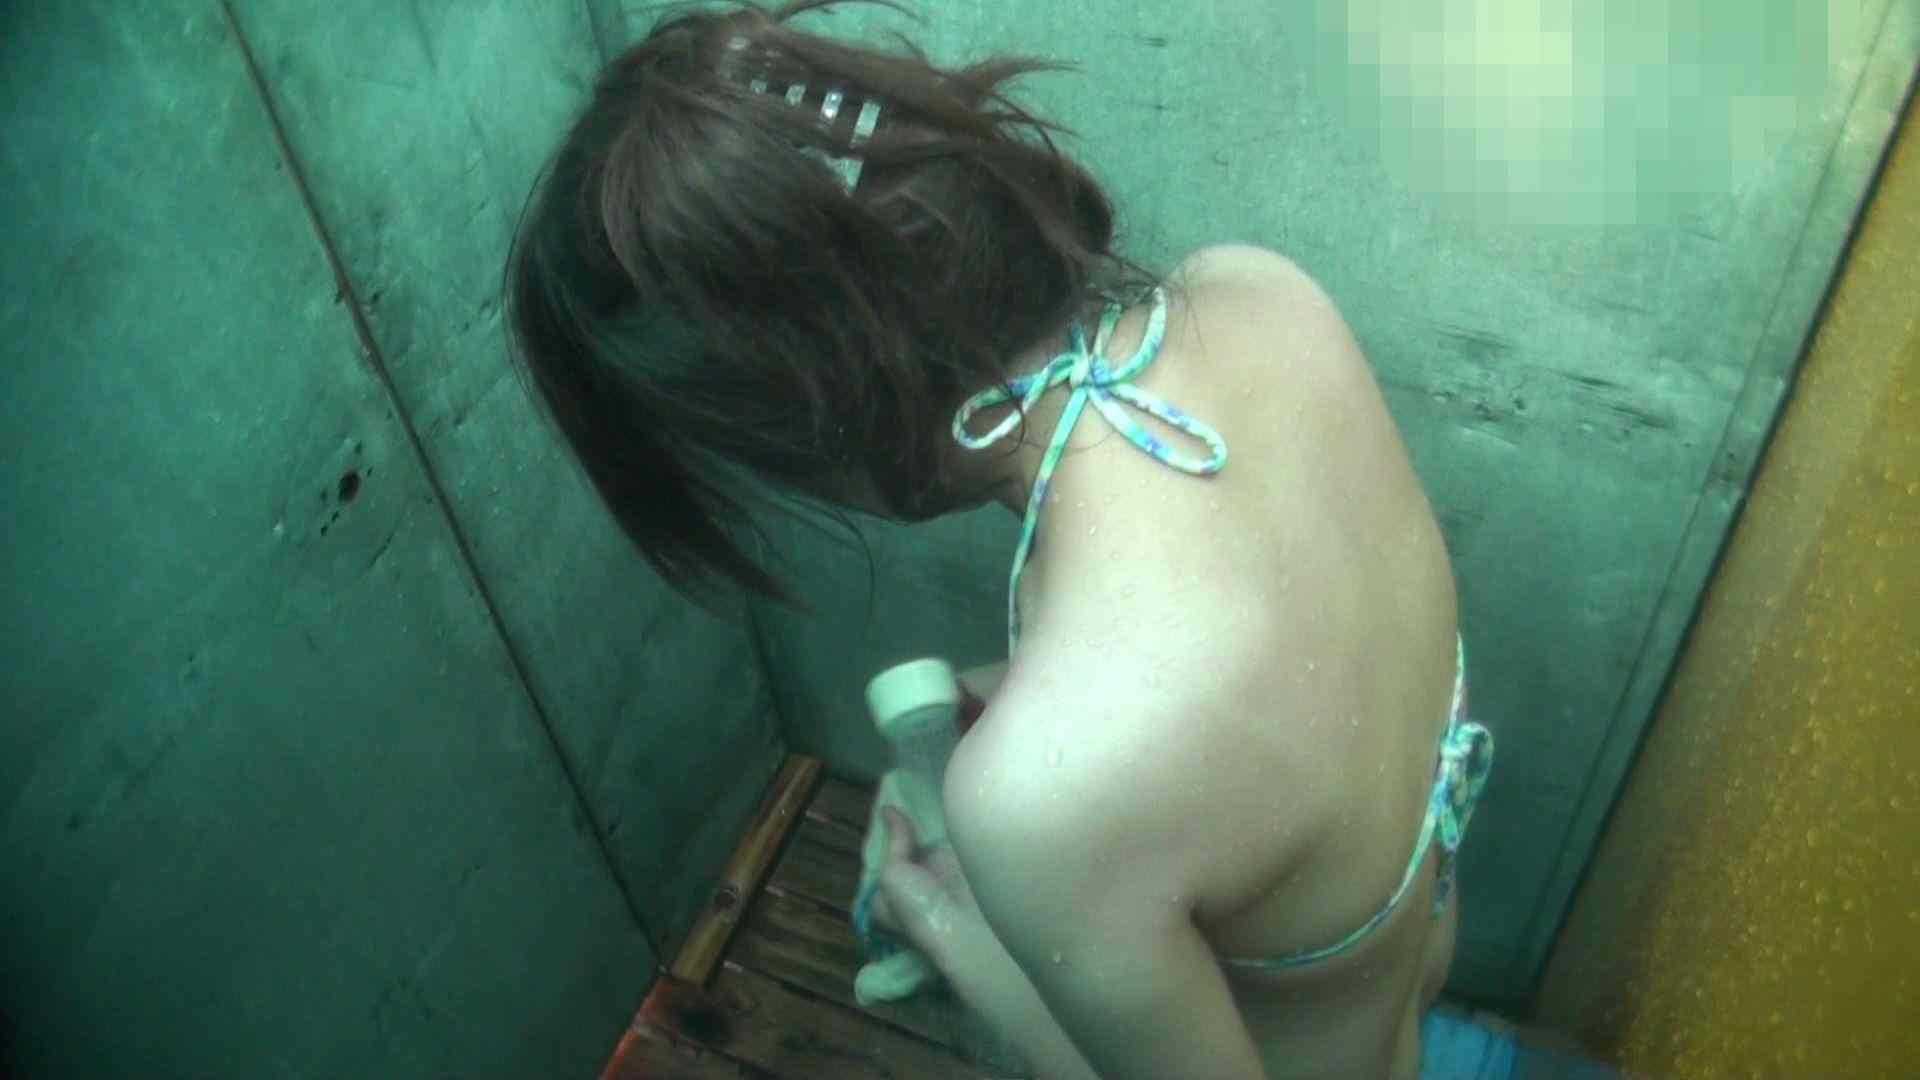 シャワールームは超!!危険な香りVol.15 残念ですが乳首未確認 マンコの砂は入念に 高画質 ワレメ動画紹介 106画像 34